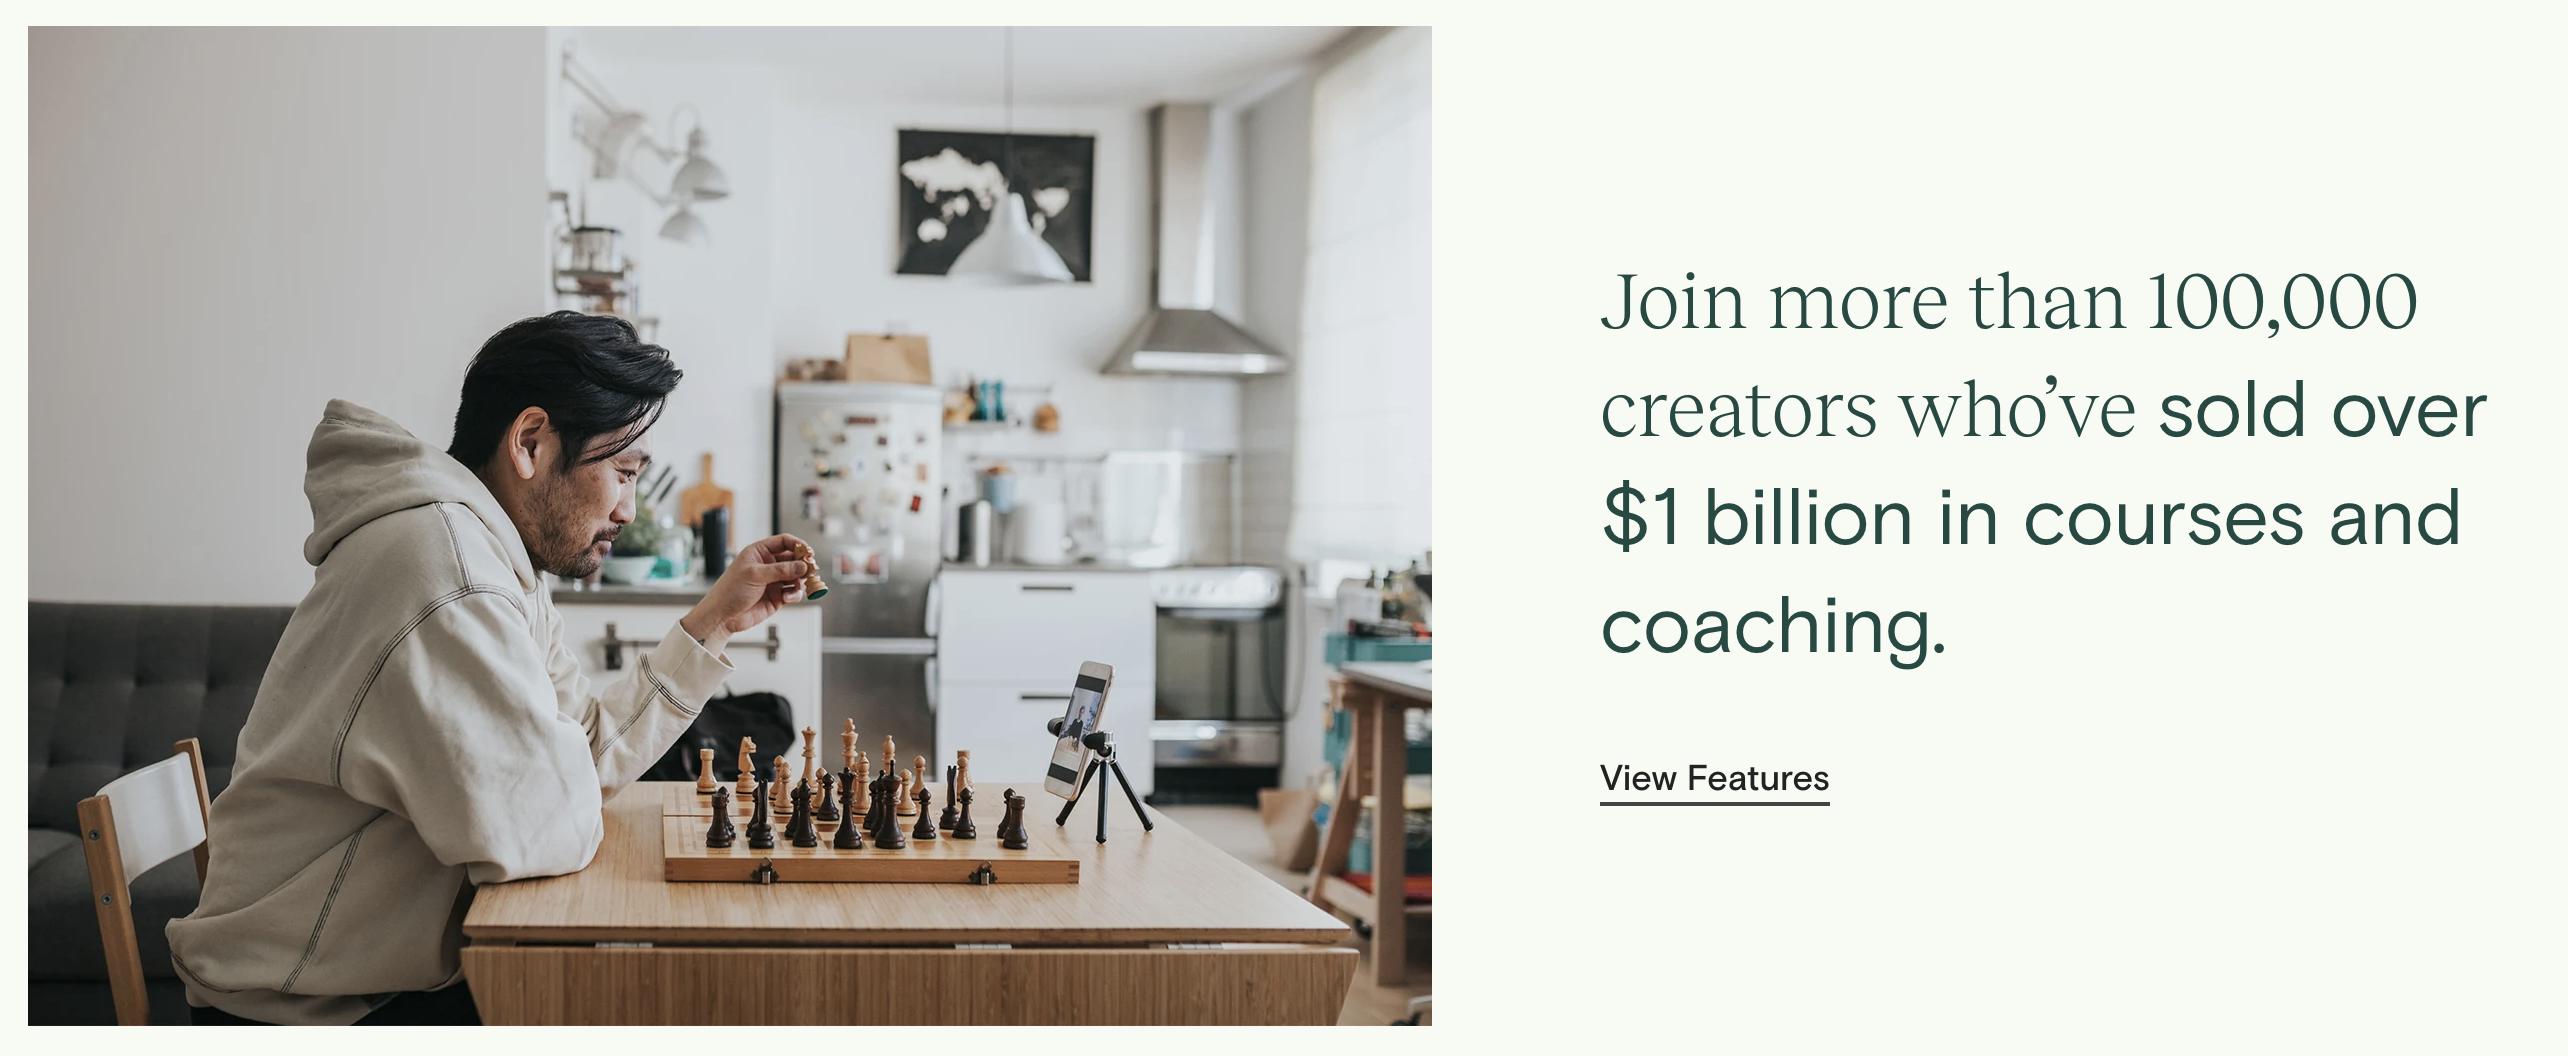 Una captura de pantalla de la base de usuarios de Teachable en su sitio web, indicando más de 100,000 creadores que han vendido cursos y entrenamiento.